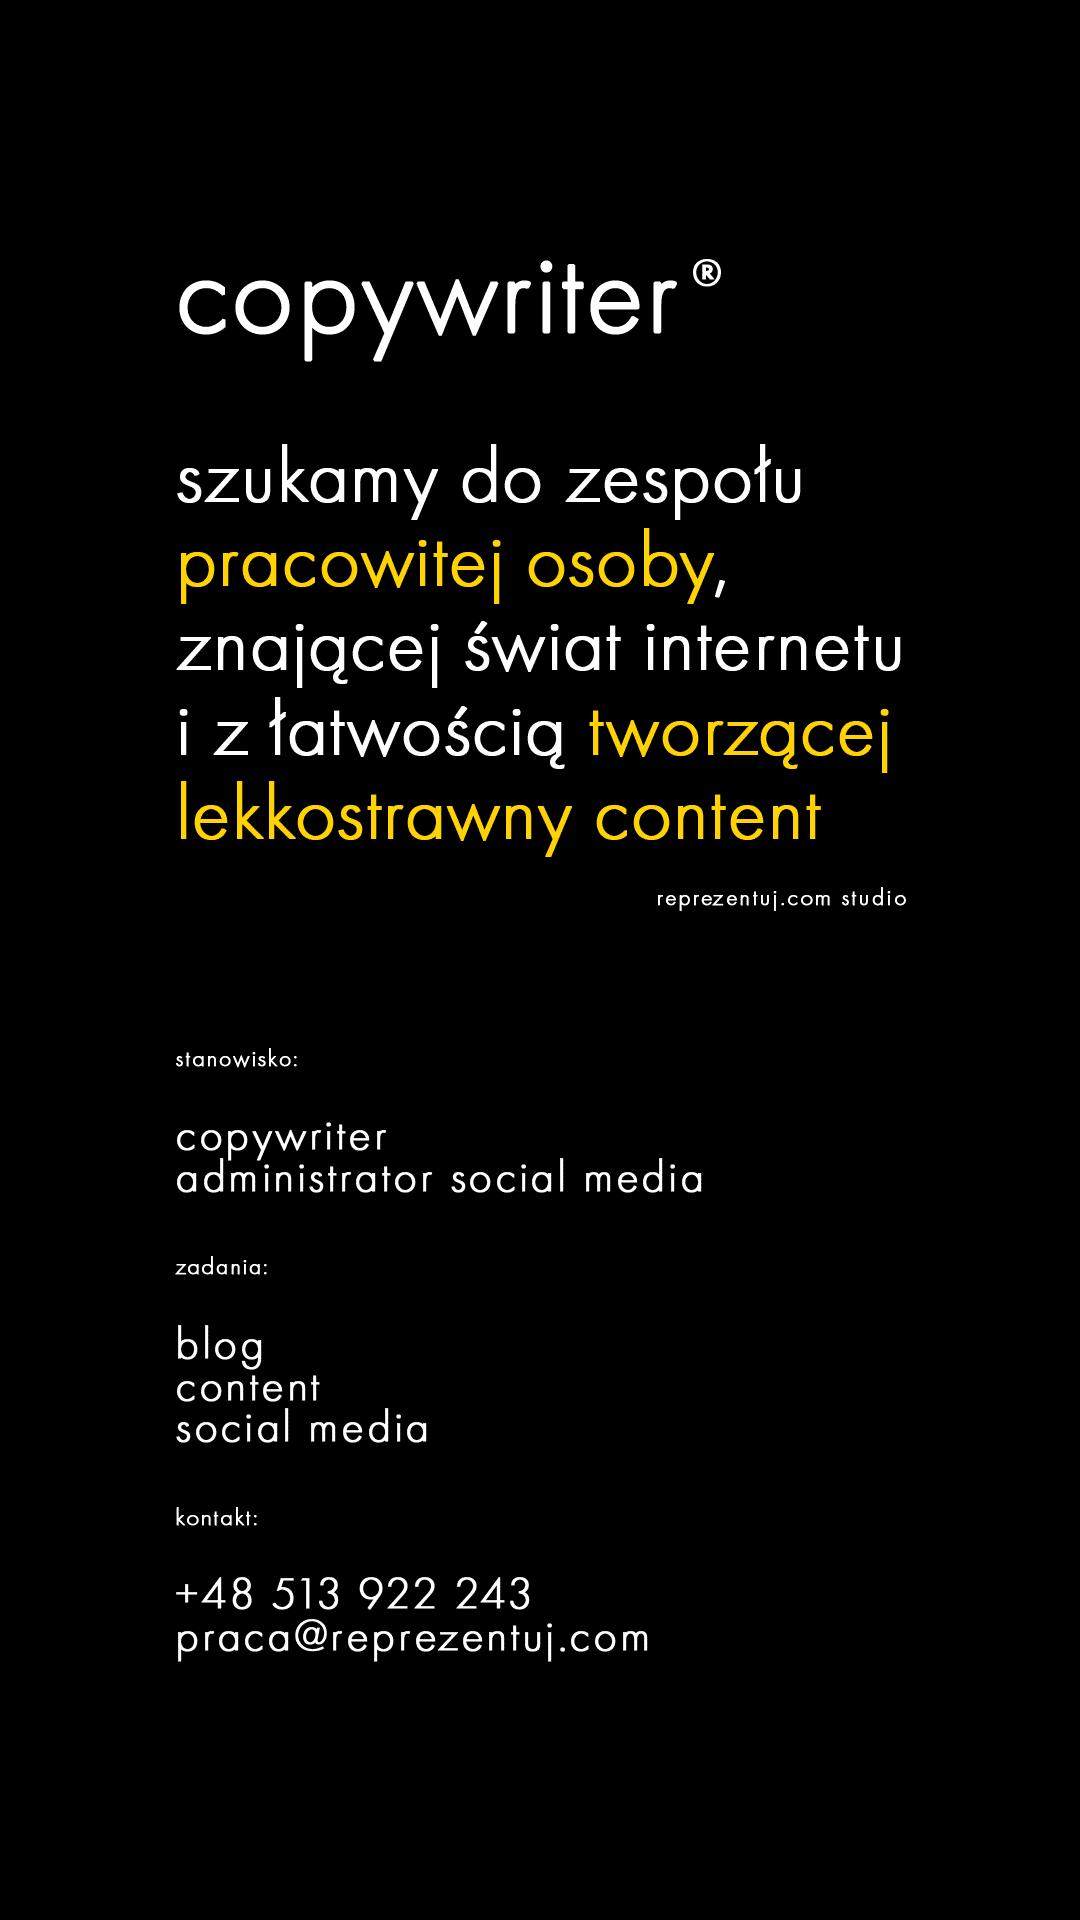 Rekrutujemy copywriterów